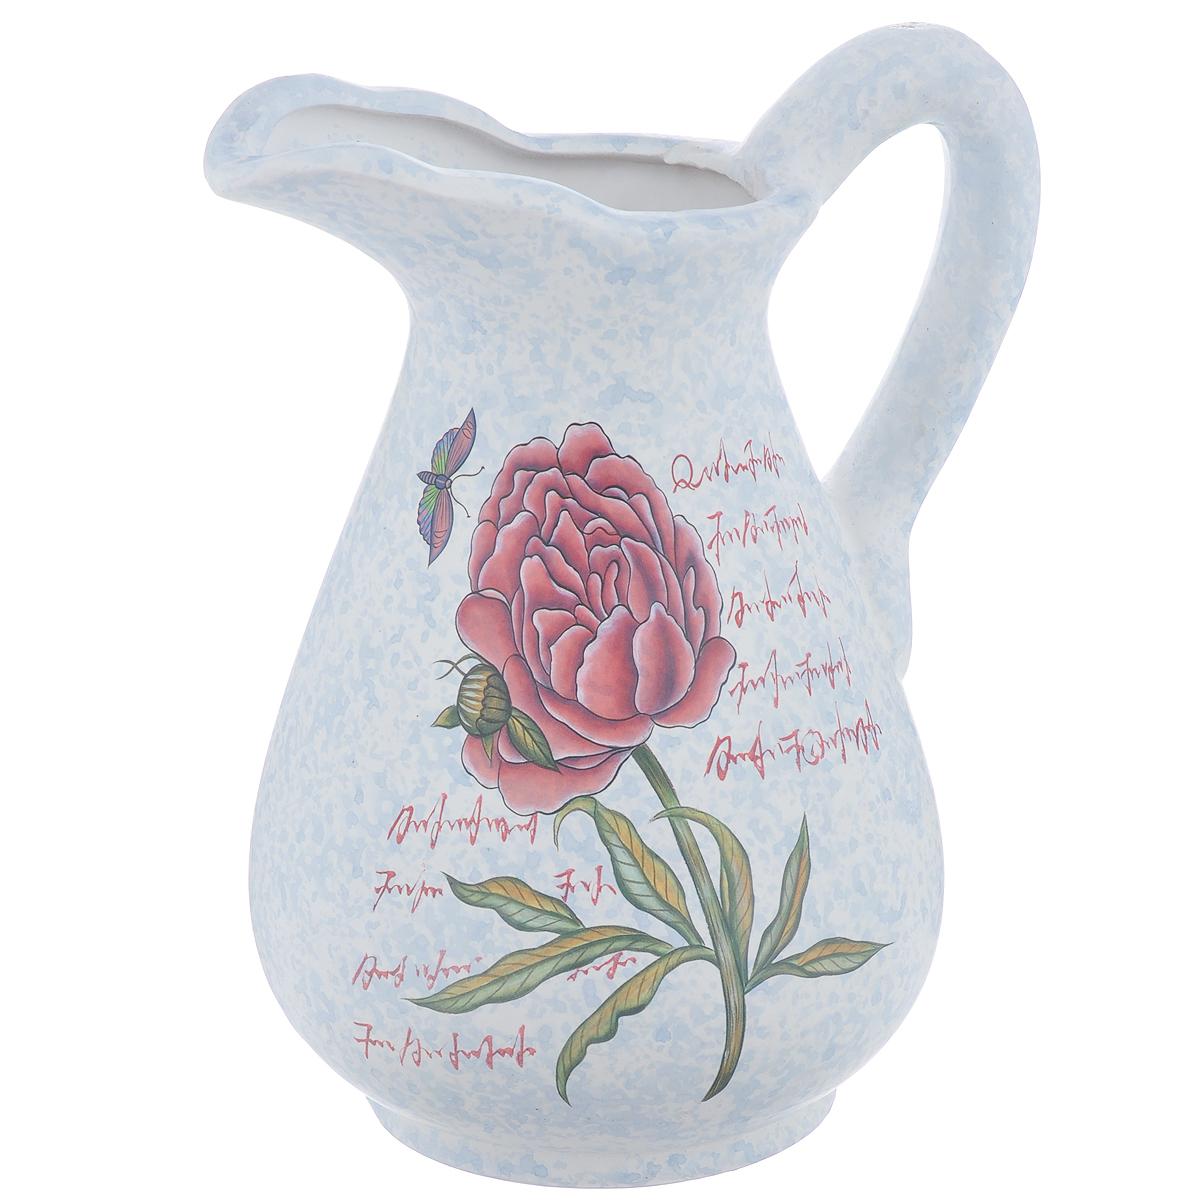 Ваза Lillo Нежный цветок, высота 25 см866191Элегантная ваза Lillo Нежный цветок выполнена из высококачественной керамики в виде кувшина и декорирована рисунком. Она придется по вкусу и ценителям классики, и тем, кто предпочитает утонченность и изящность. Вы можете поставить вазу в любом месте, где она будет удачно смотреться и радовать глаз. Такая ваза подойдет и для цветов, и для декора интерьера. Кроме того - это отличный вариант подарка для ваших близких и друзей. Высота вазы: 25 см.Диаметр по верхнему краю: 6 см.Диаметр основания: 11,5 см.